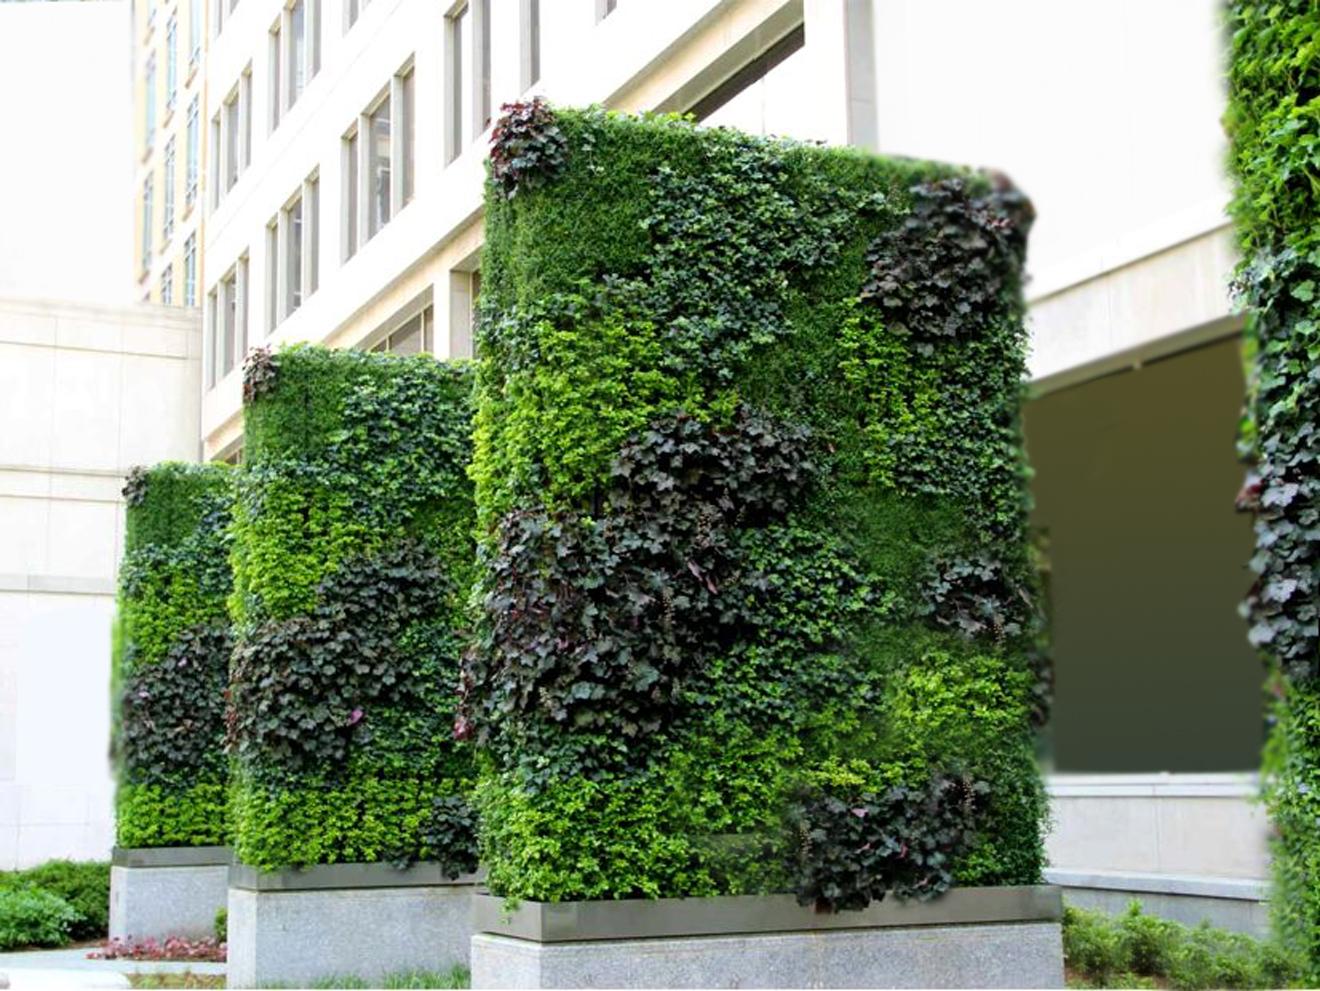 world class green wall vertical garden by technic garden and landscape green wall vertical. Black Bedroom Furniture Sets. Home Design Ideas